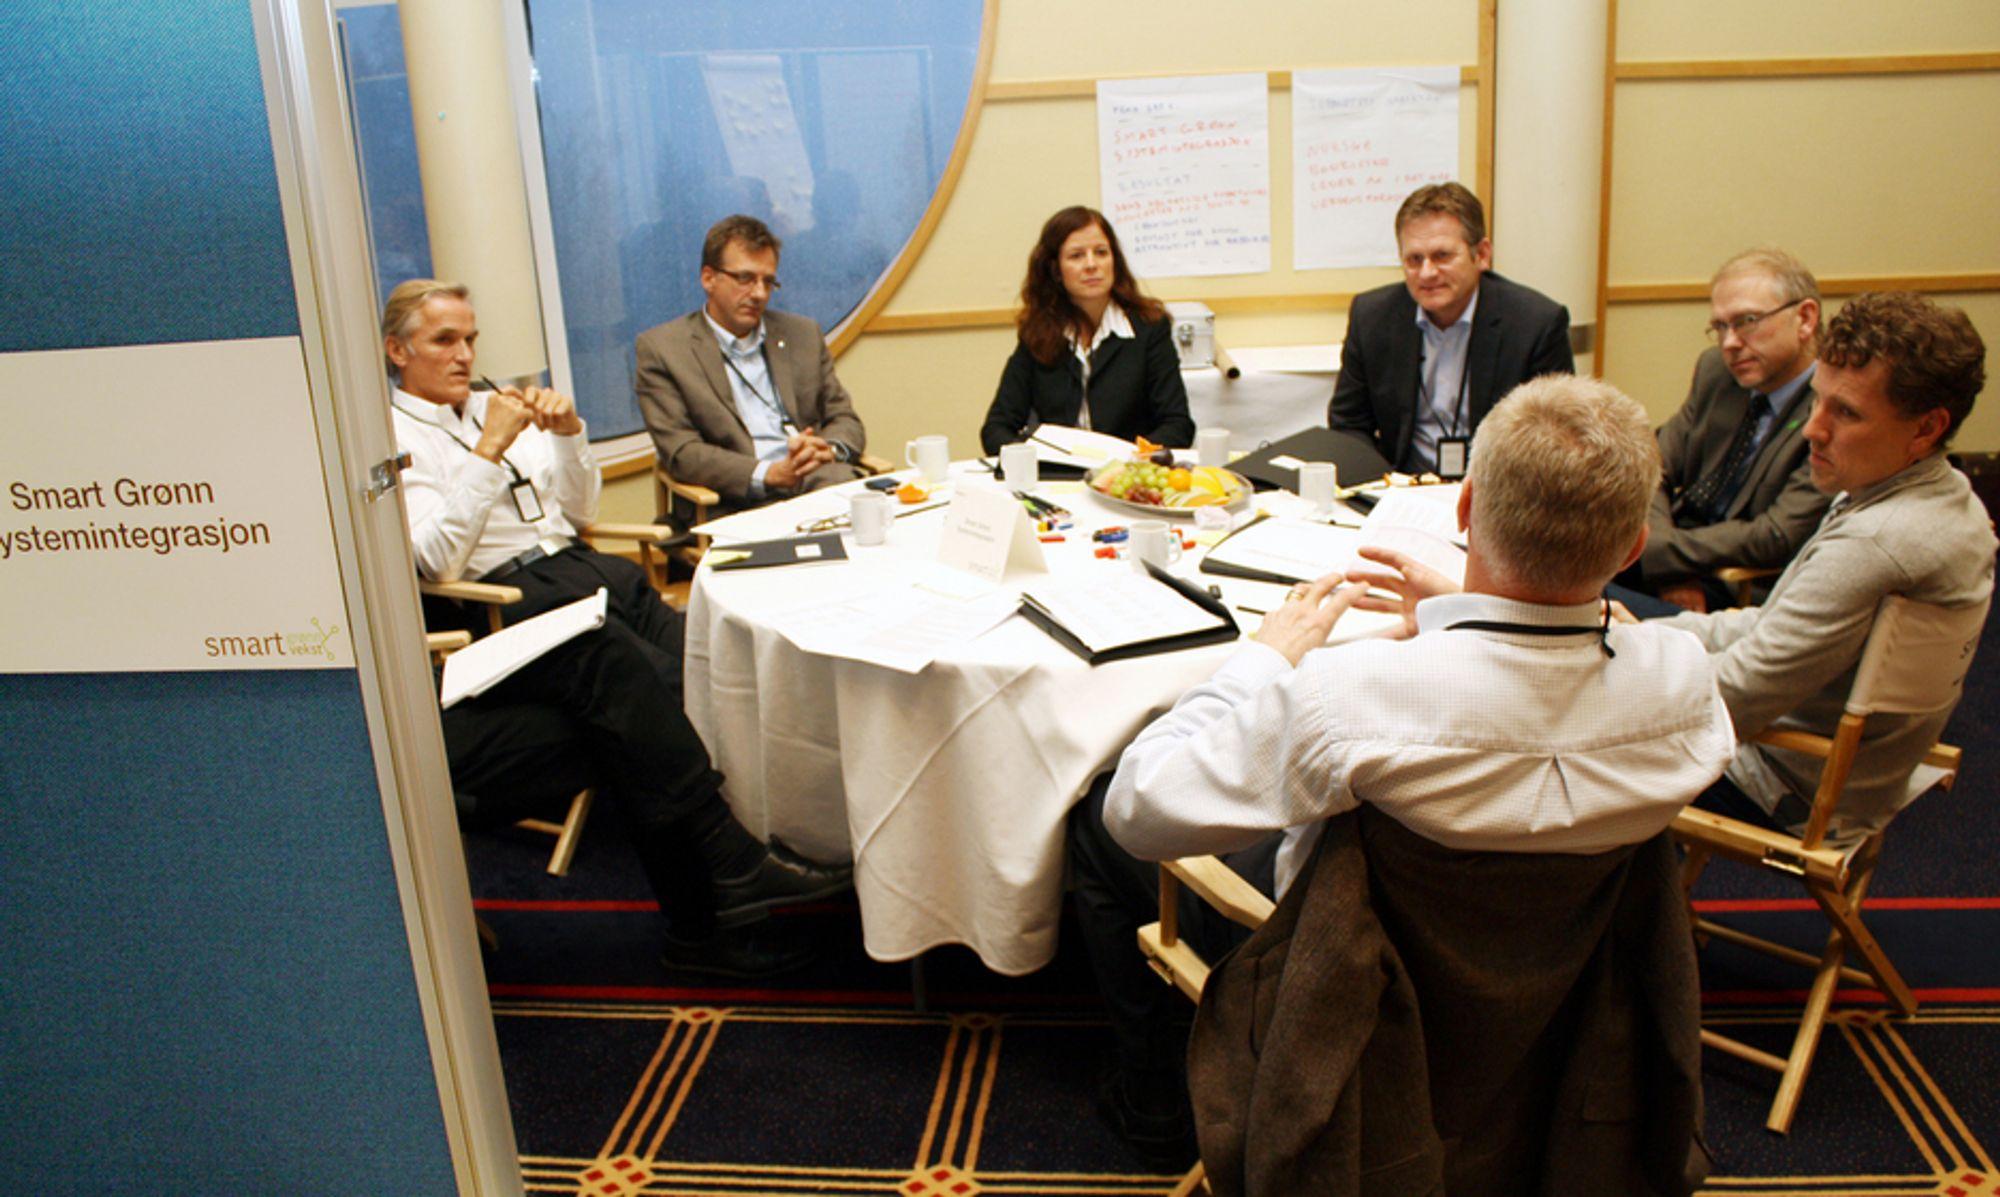 SATT I BÅS: I en kontorbås på omtrent fire ganger fire meter diskuterer Gruppe 4 (av seks) kommersielle muligheter for intelligent energistyring. Fra venstre: Wilhelm Torheim (avdelingsdirektør Miljøverndepartementet, delvis skjult), Gunnar Rydning (adm. dir. Verdane Capital), Jens Auset (adm. dir Hafslund Nett), Mailiw sørensen Grann (markedssjef Cisco), Morten Thorkildsen (adm. dir. IBM Norge), Per Egil Pedersen (rådmann Halden kommune, med ryggen til), Hans Martin vikdal (divisjonsdirektør Innovasjon Norge) og møteleder Martin Ehrensvärd.